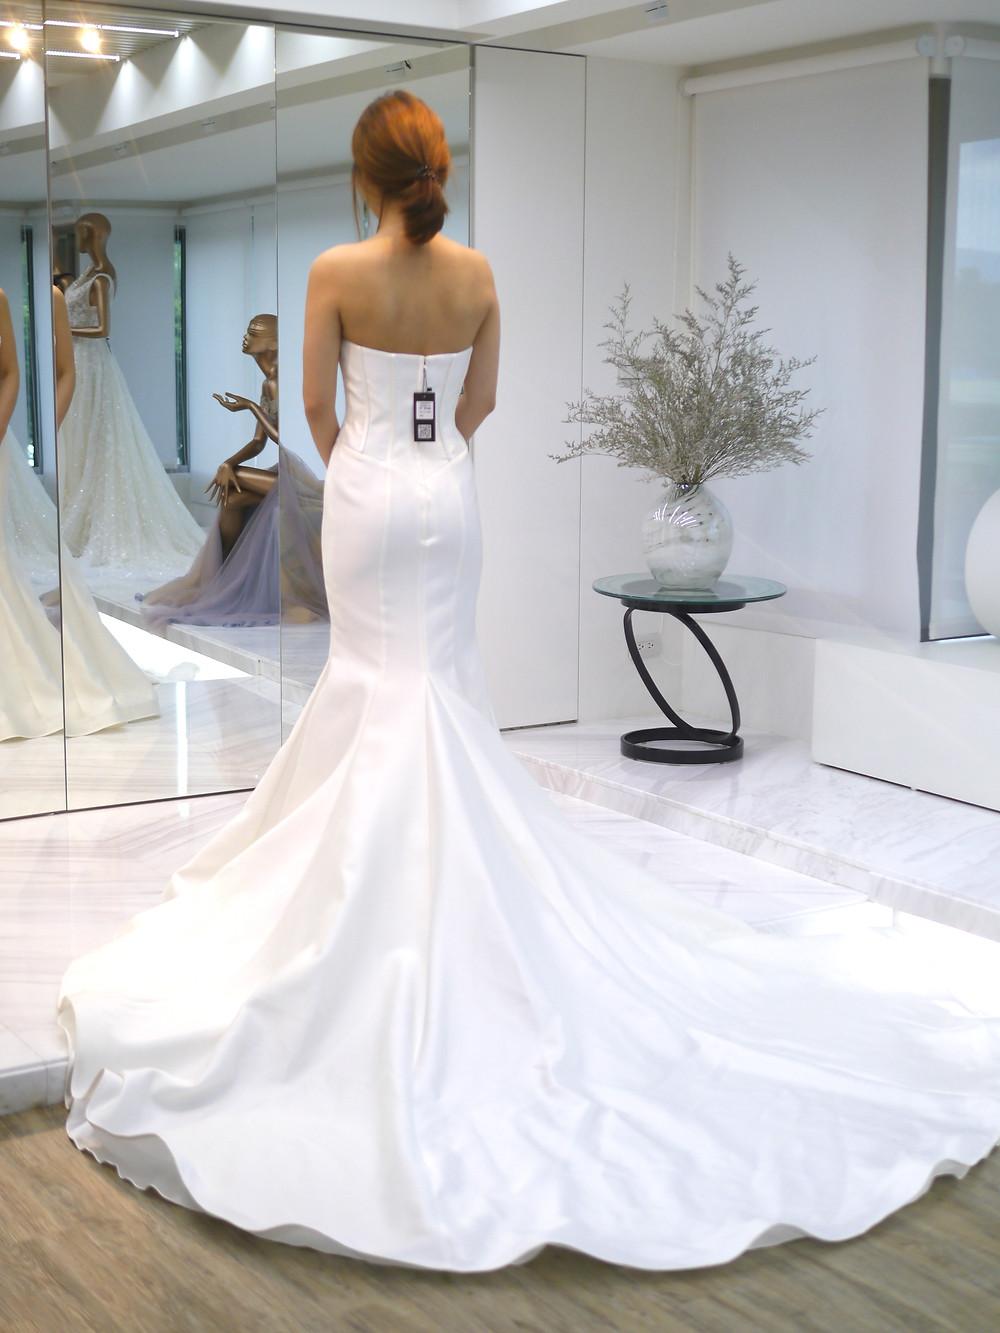 #魚尾 #人字腰設計 #高級白紗緞 #薄線剪蕾絲